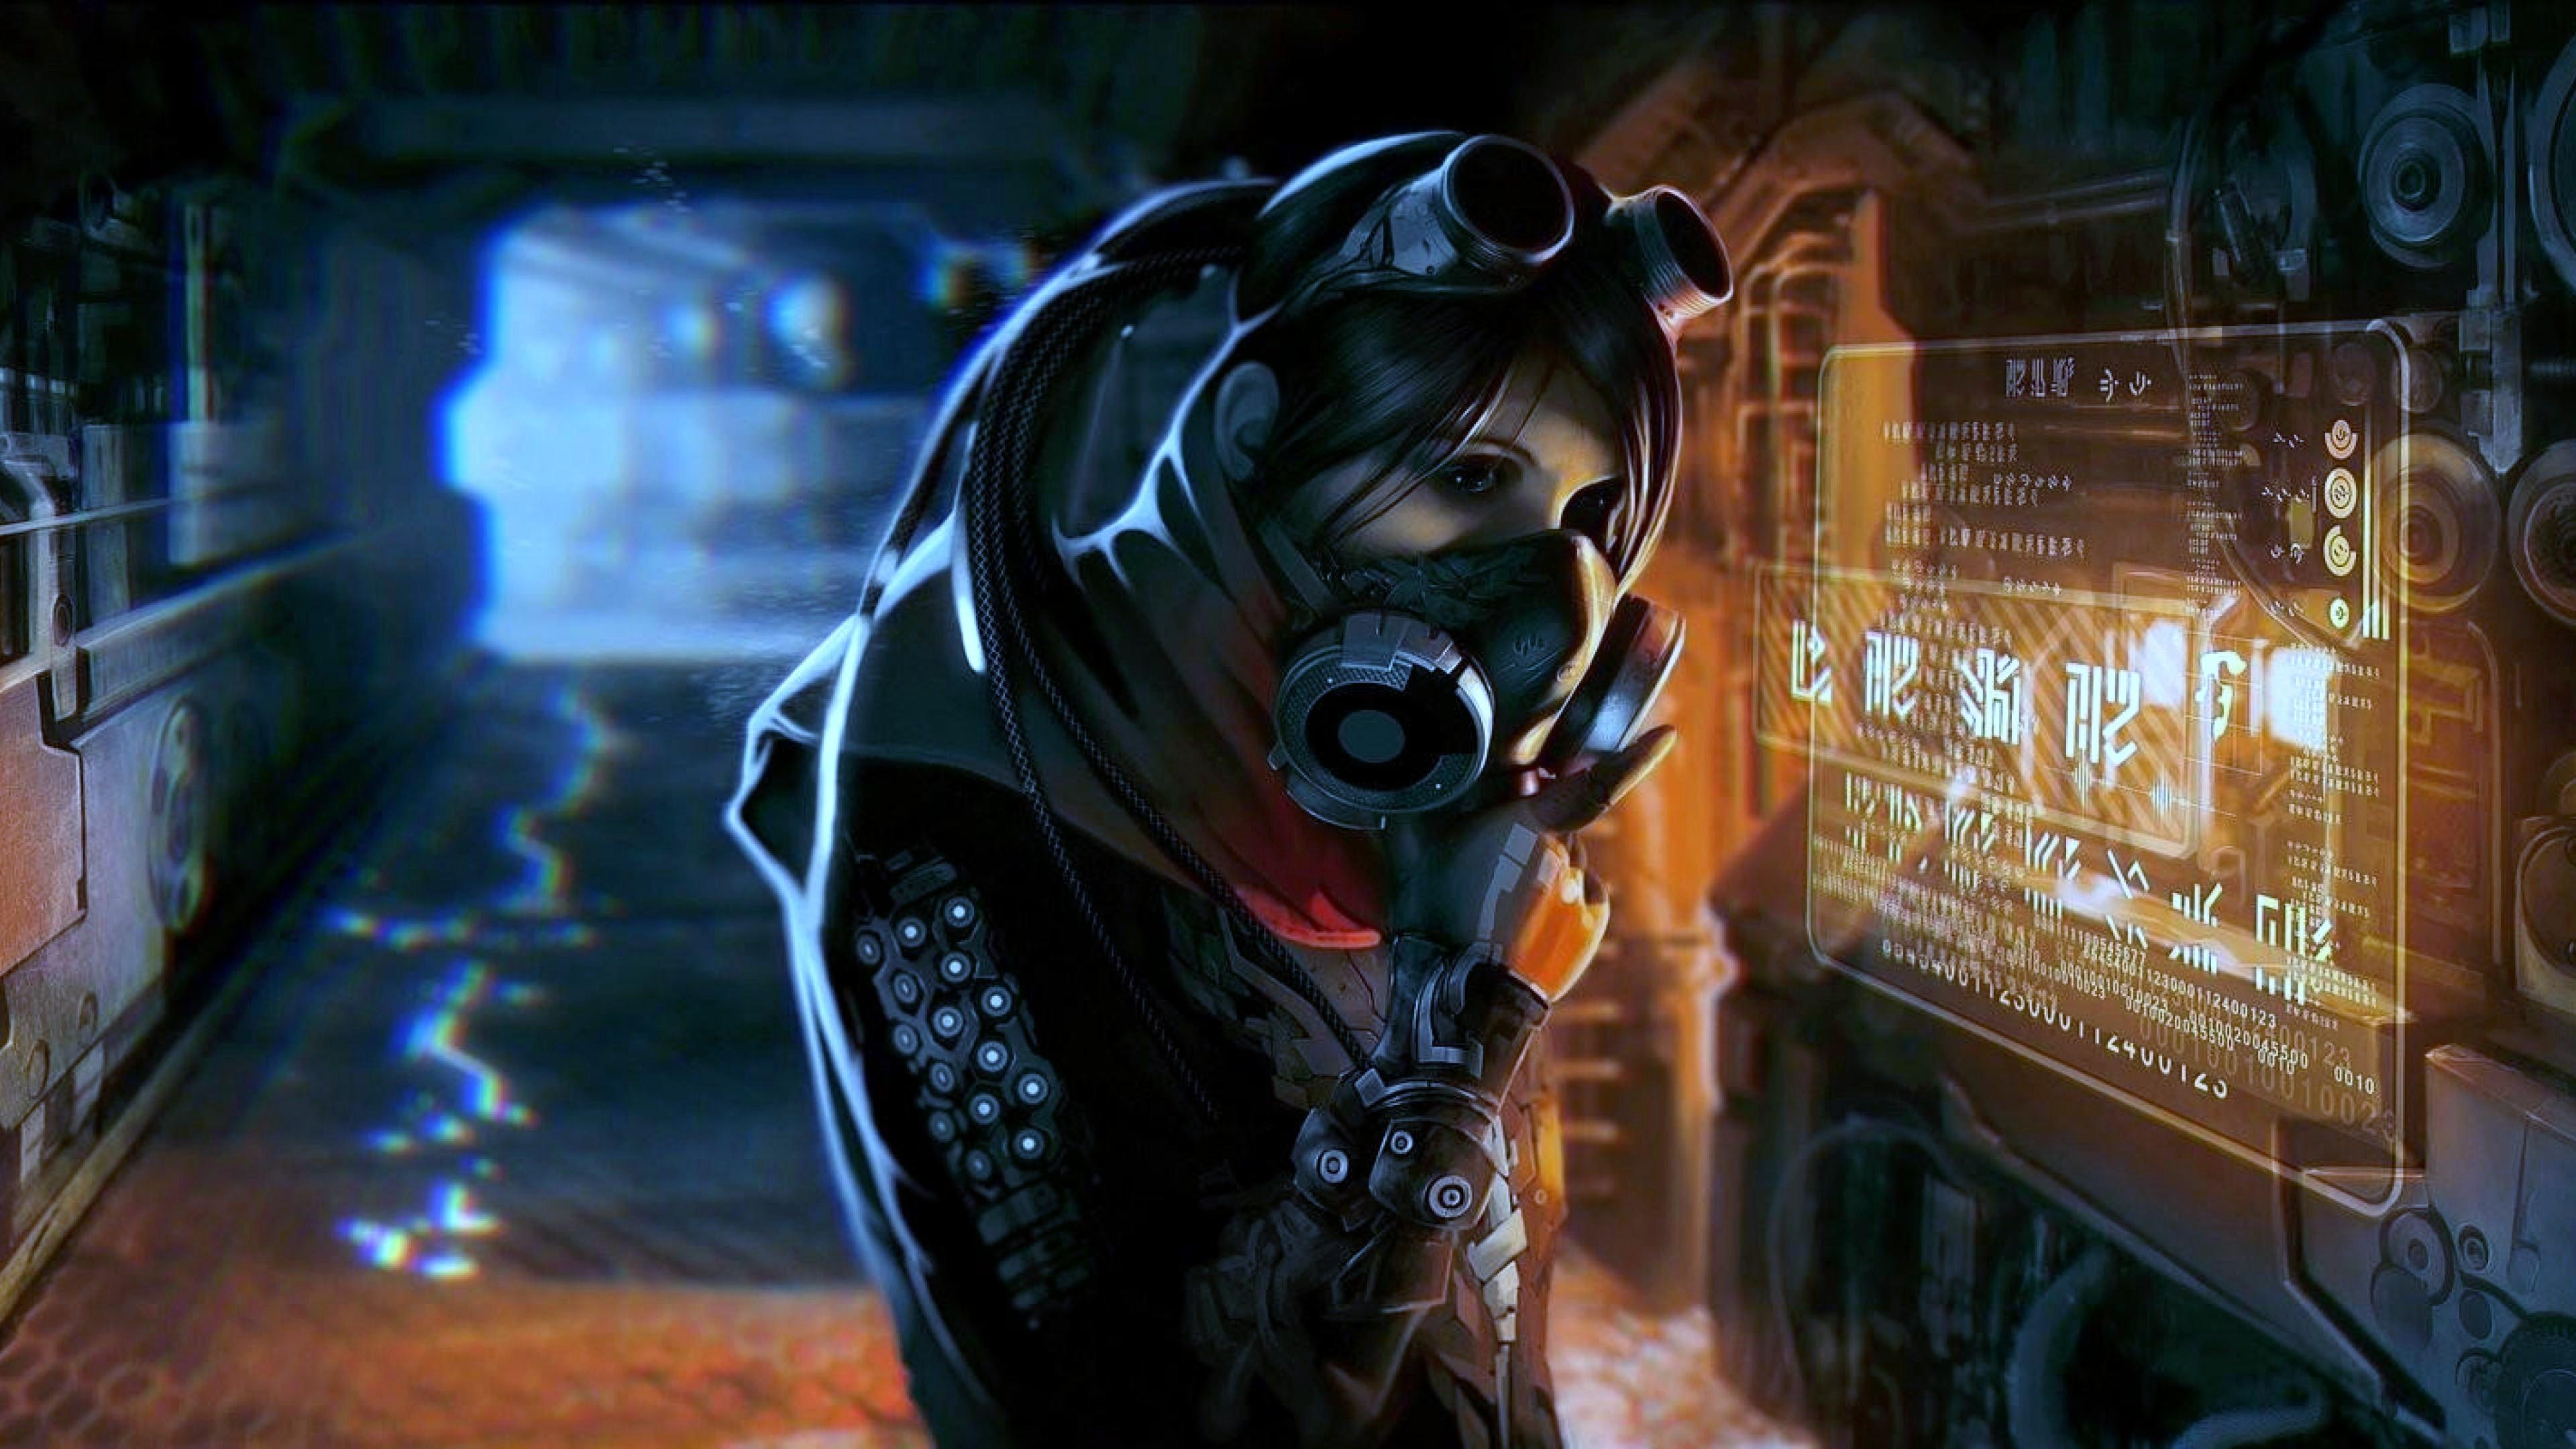 Women Warrior Artwork Sword Rain Cyberpunk Cyberpunk: Cyberpunk Wallpapers (87+ Images